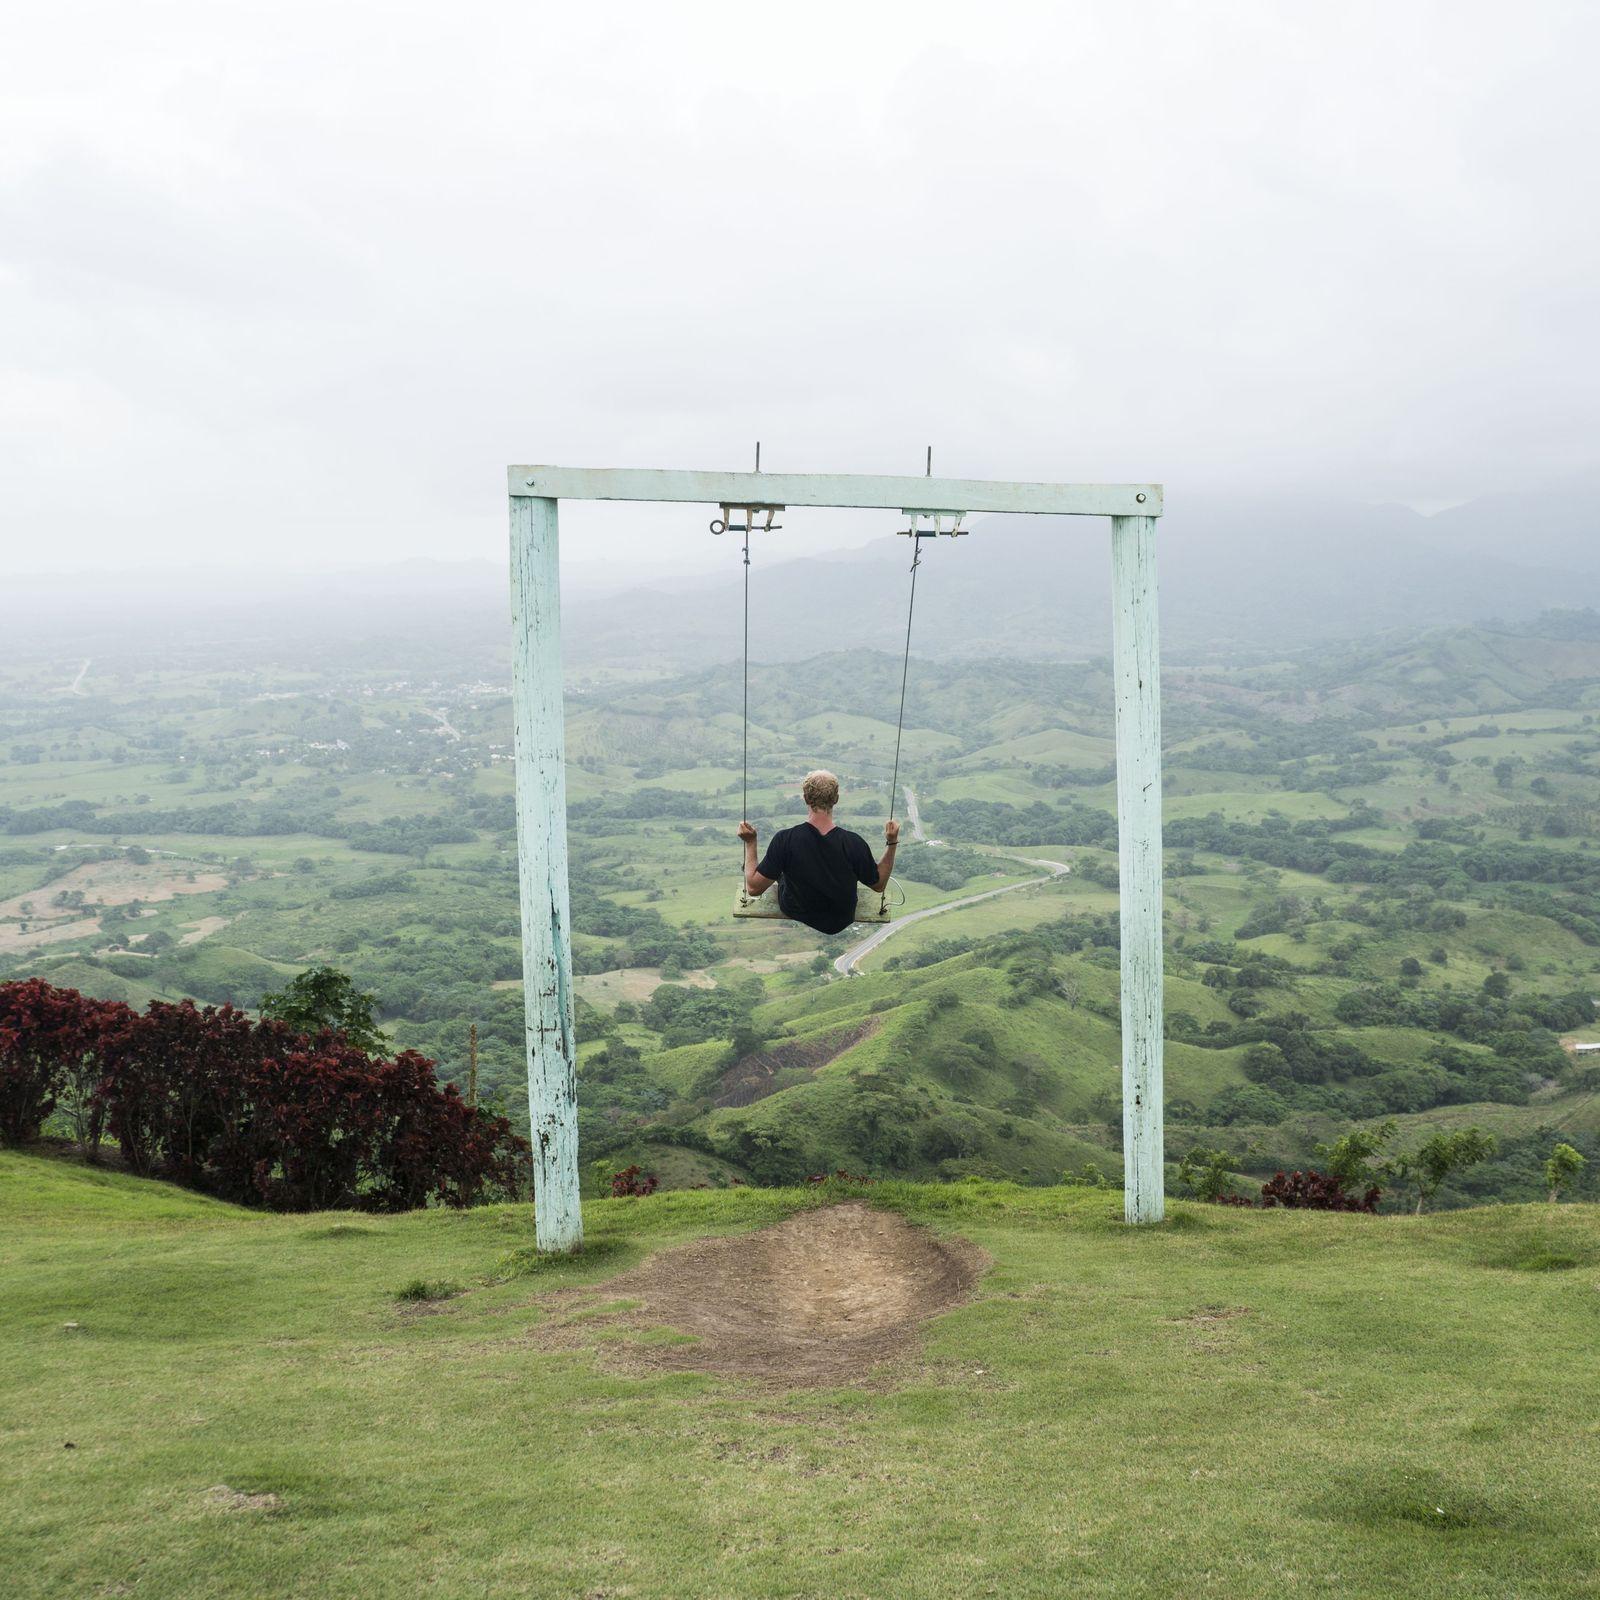 Montaña Redonda um lugar de visita orbigatória na República Dominicana